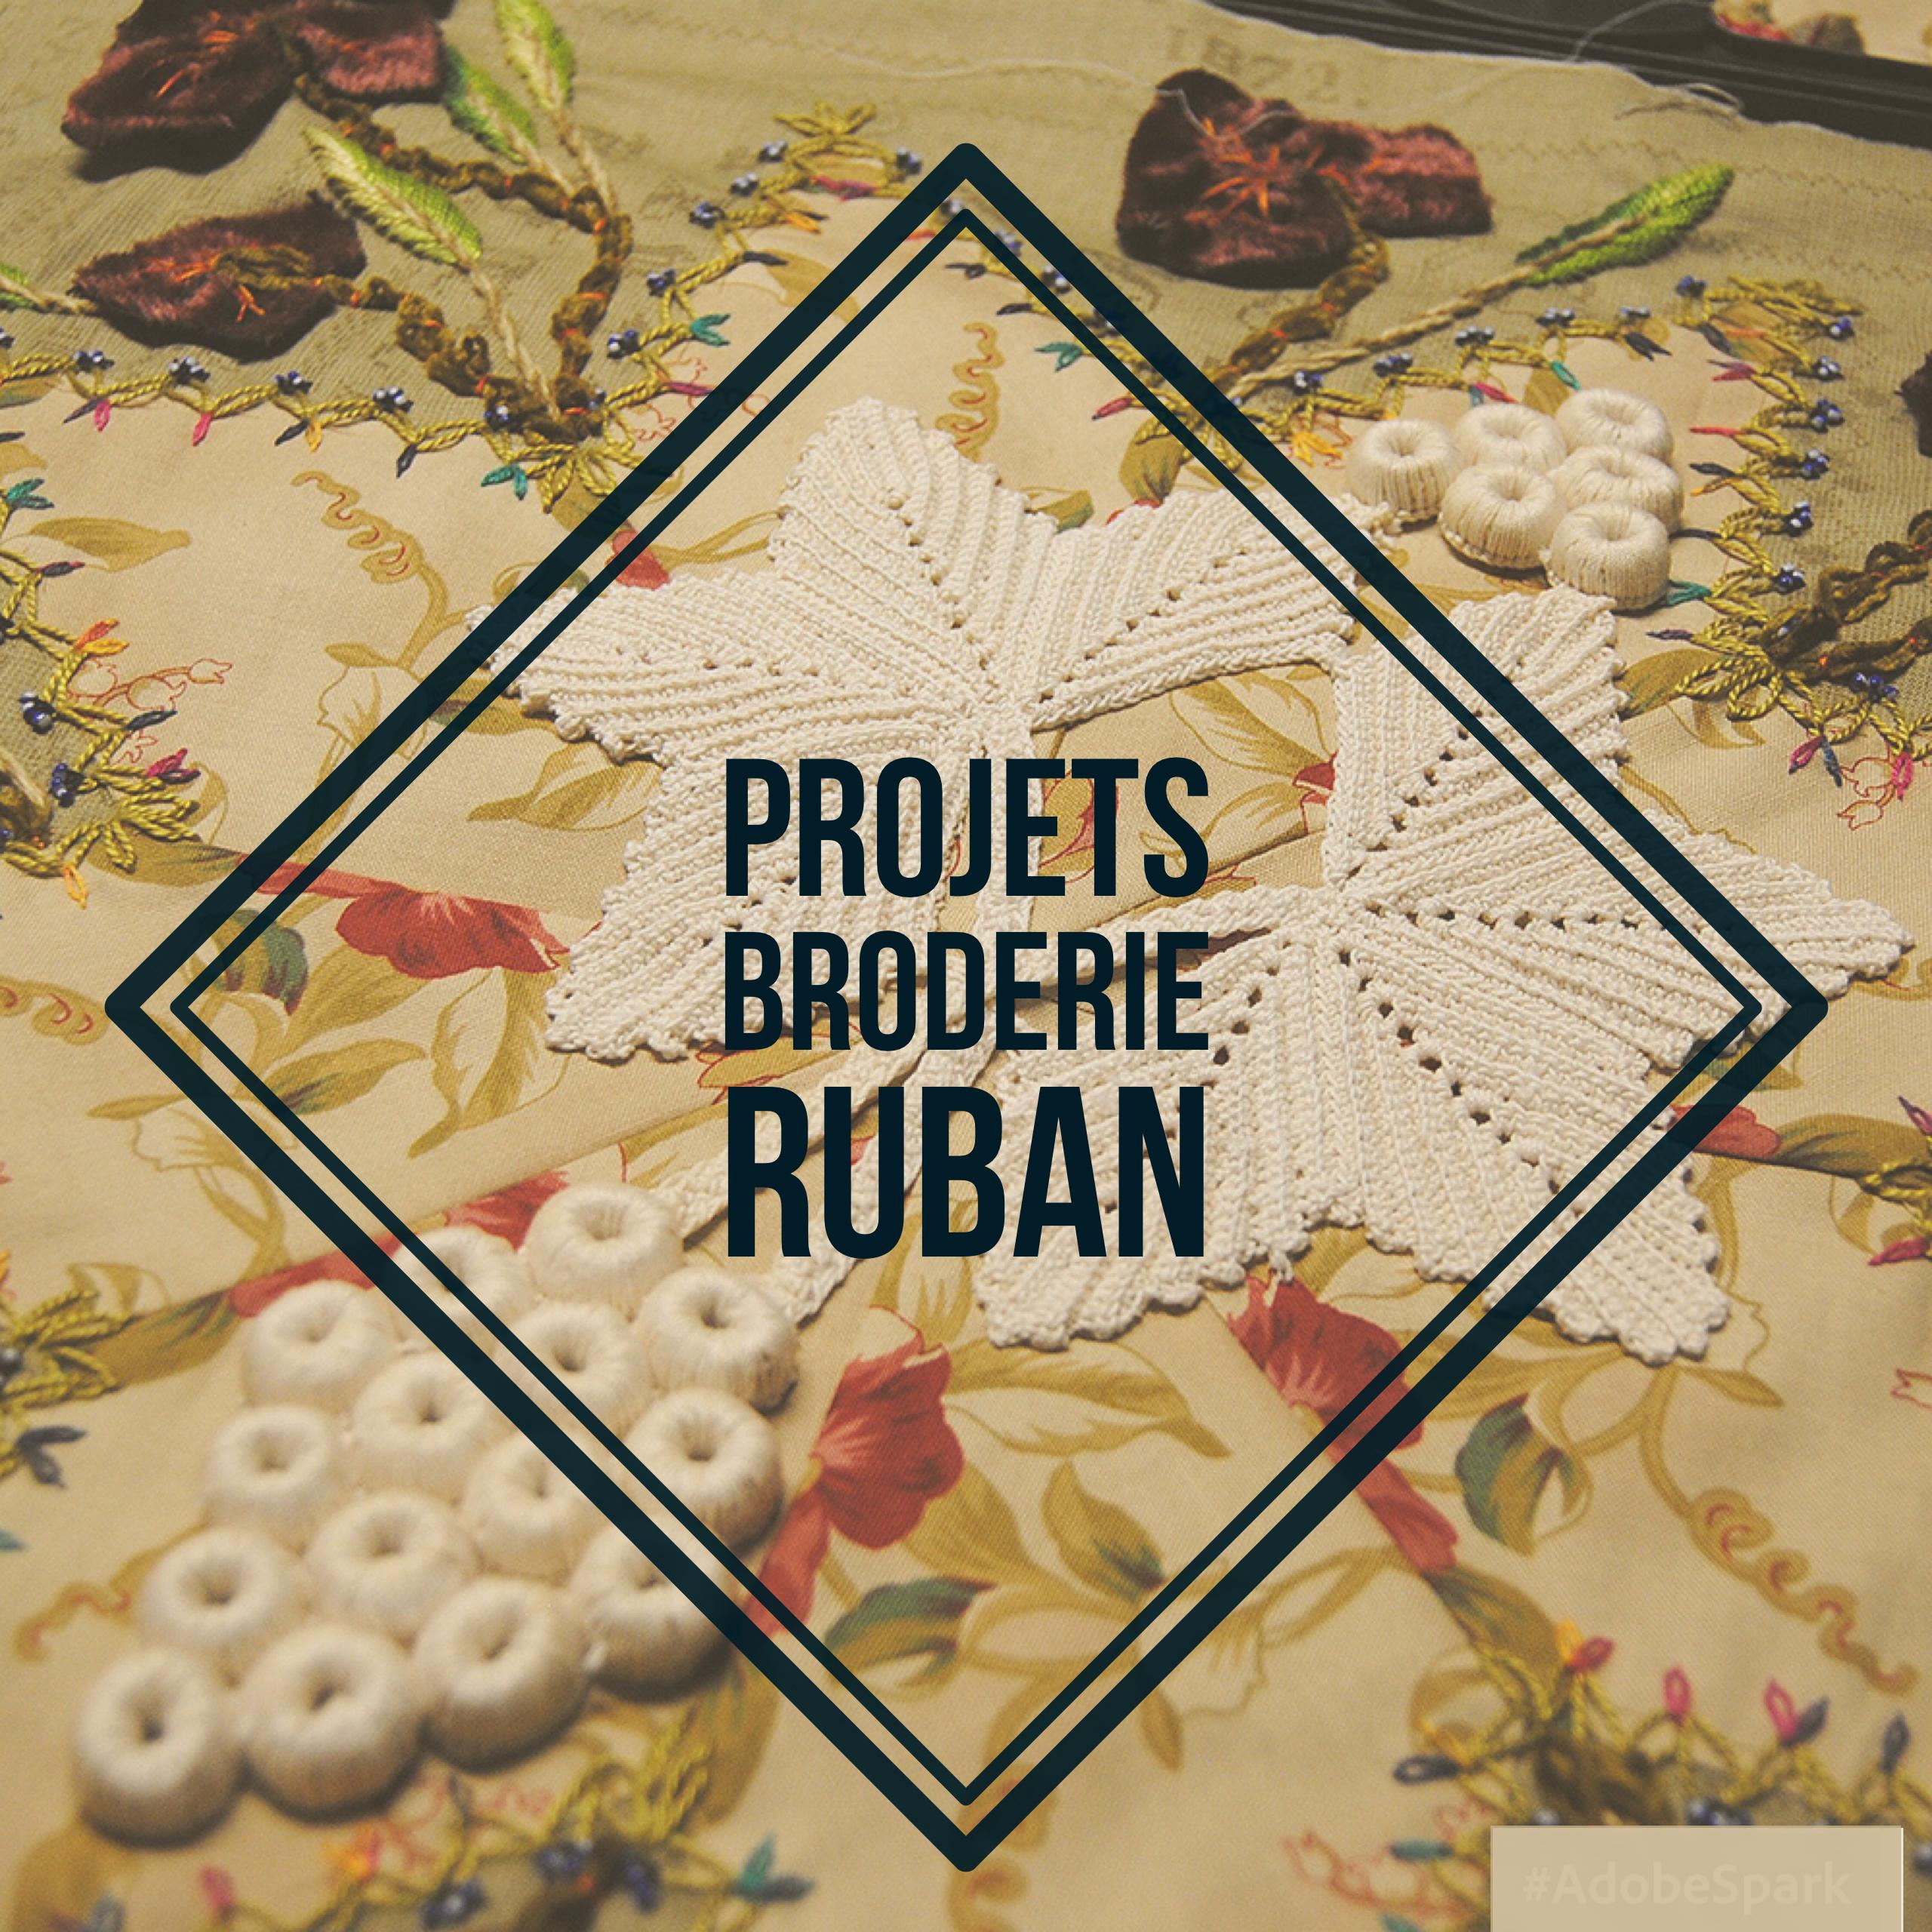 broderie-ruban